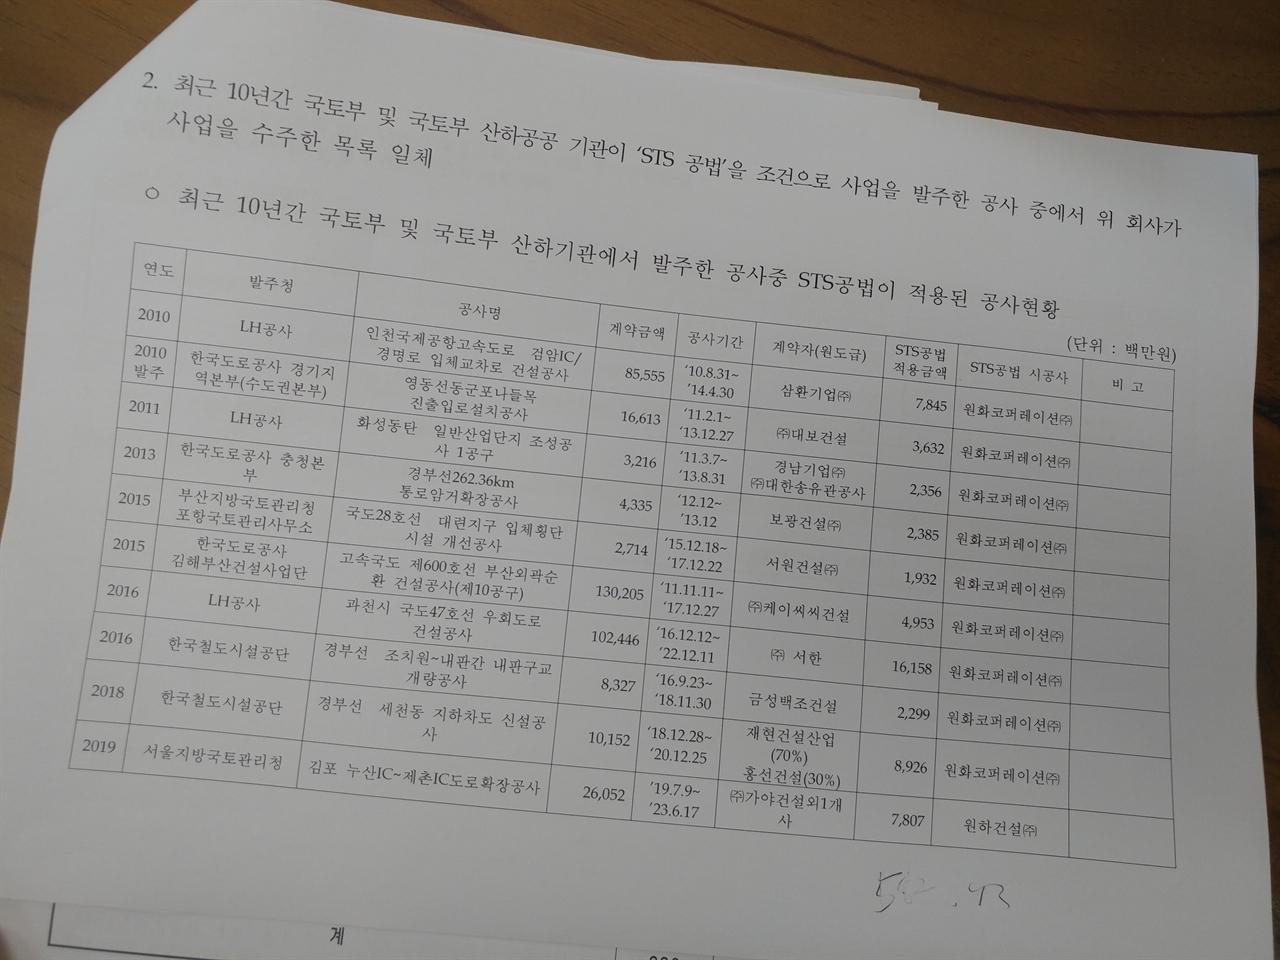 민생경제연구소가 진성준, 천준호 의원실을 통해 확보한 박덕흠 의원 일가 공사 수주 목록 중 일부